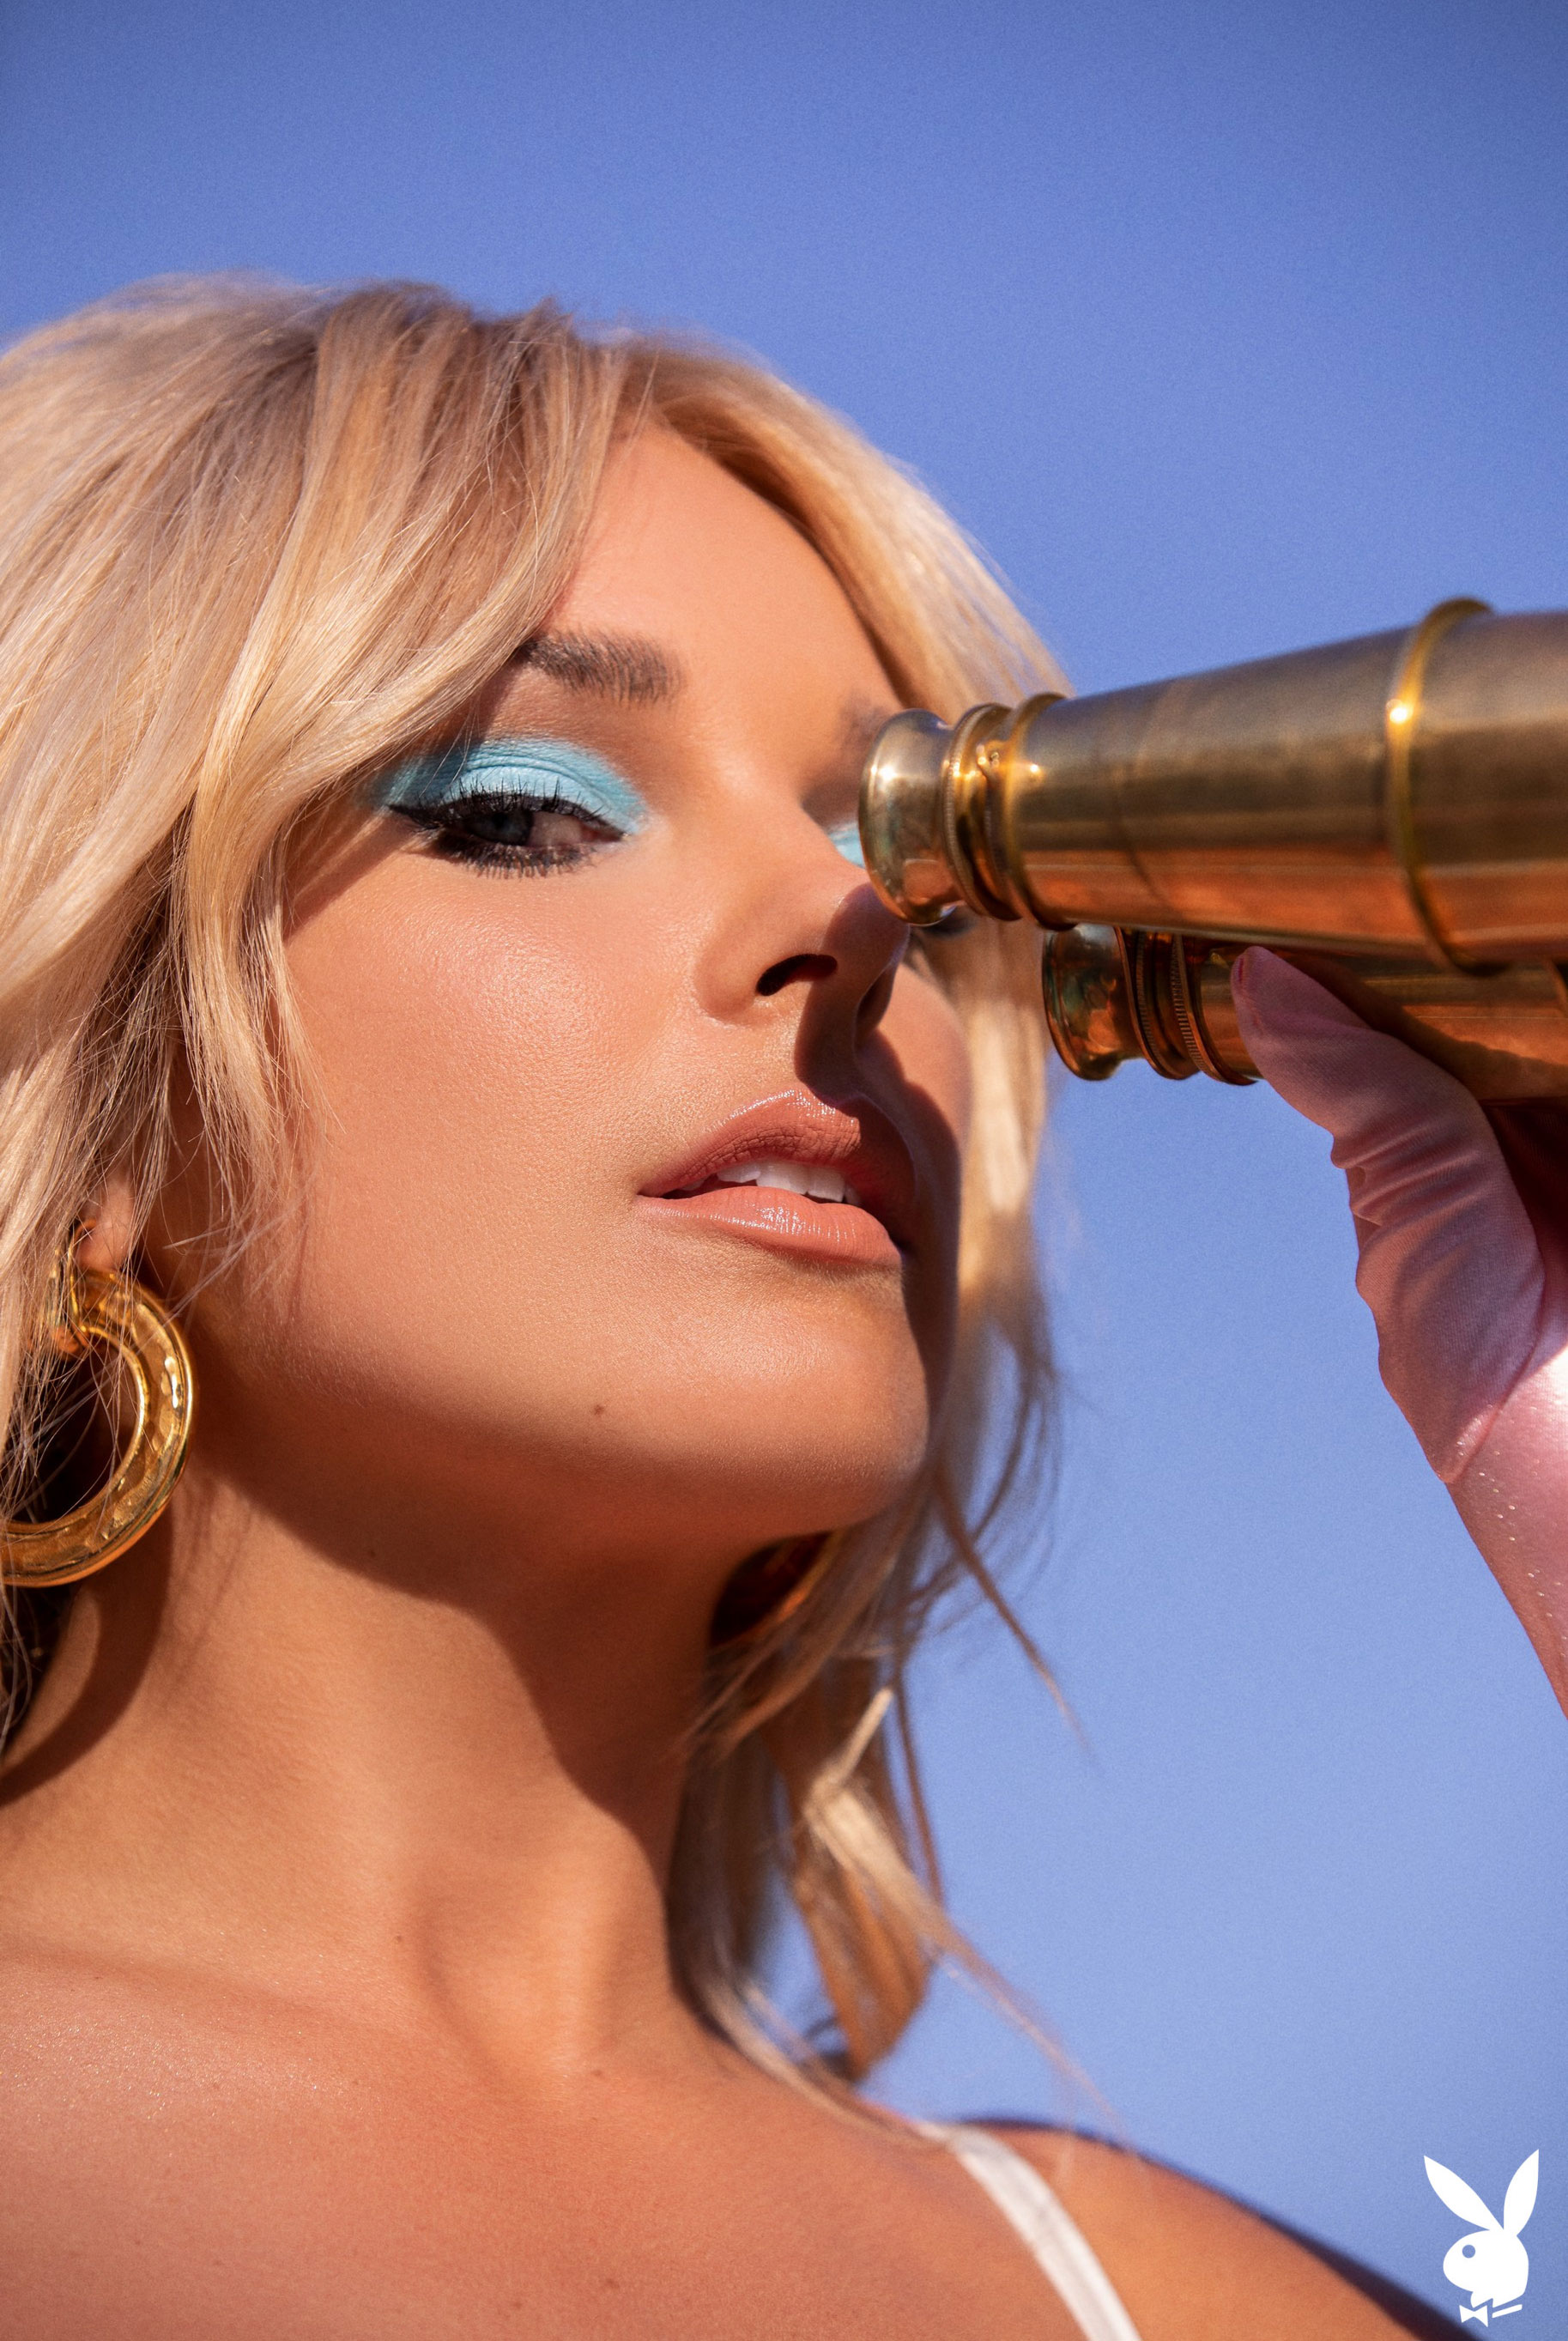 Девушка месяца Ali Chanel - Playboy США / фото 09